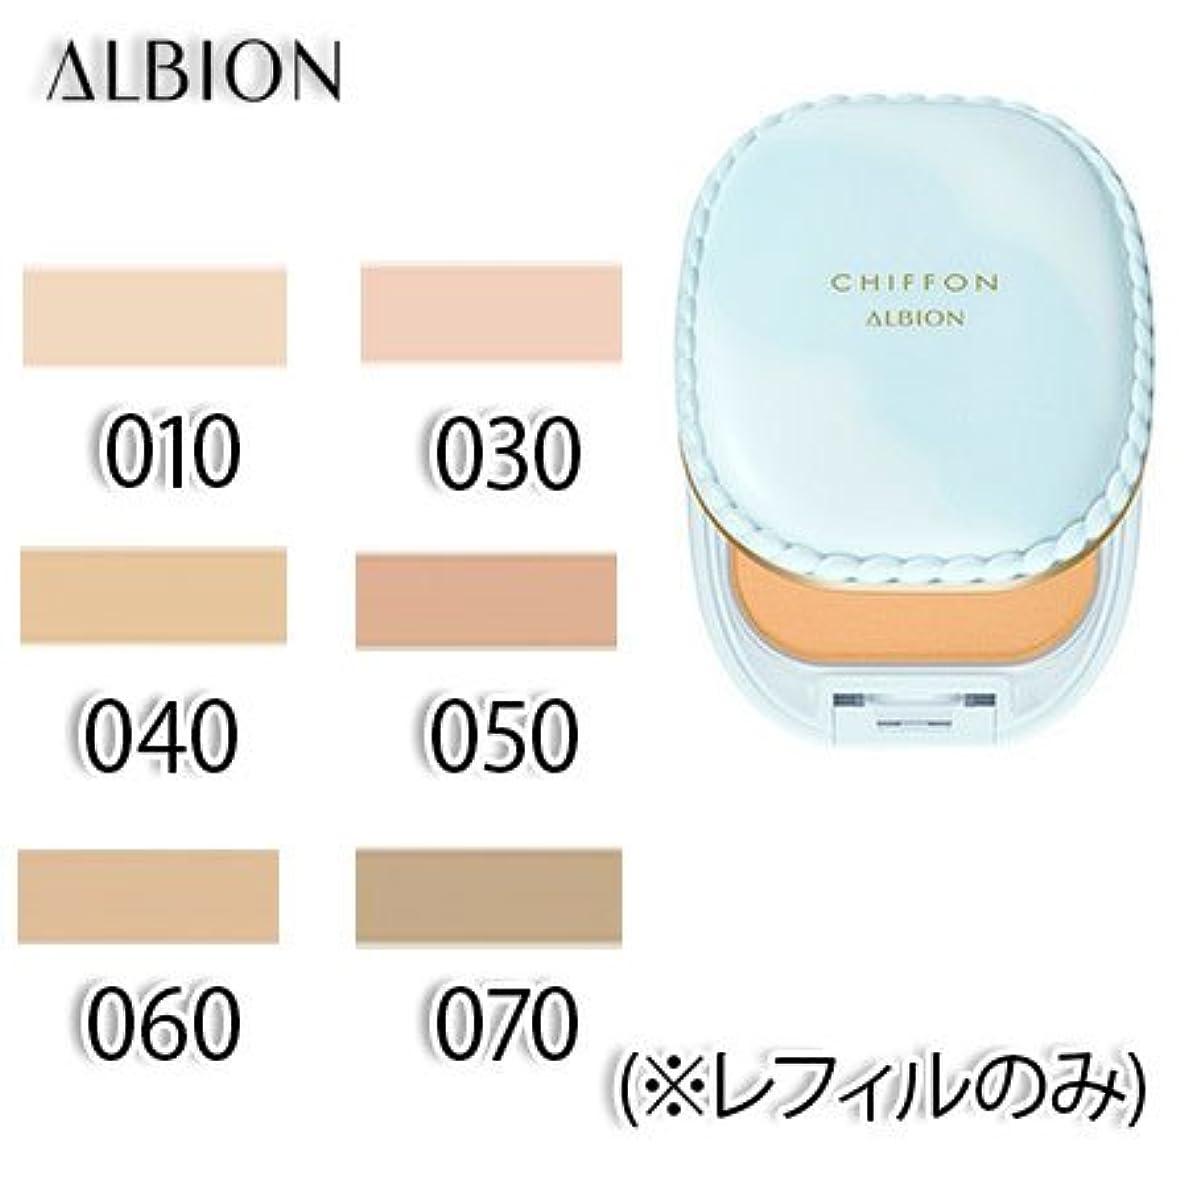 後世あいまいもアルビオン スノー ホワイト シフォン 全6色 SPF25?PA++ 10g (レフィルのみ) -ALBION- 050